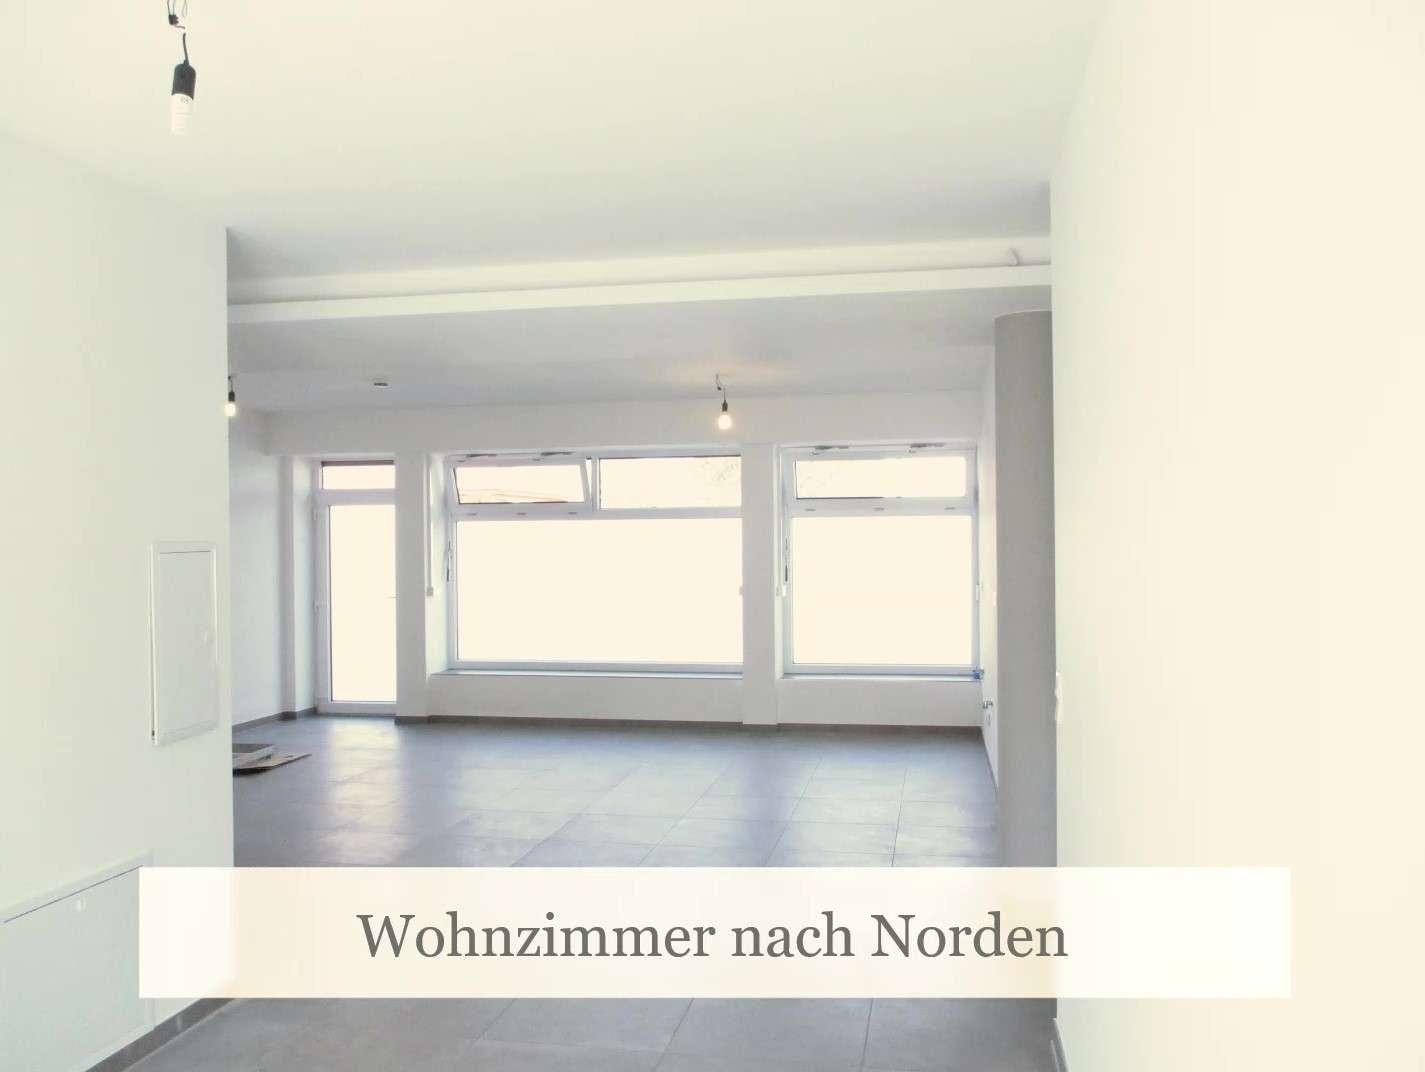 Kochen mit Gas-Bad mit Bidet-Erstbezug:Außergewöhnlich stilvolle 2-Zimmer-Loftwohnung in Kaufbeuren